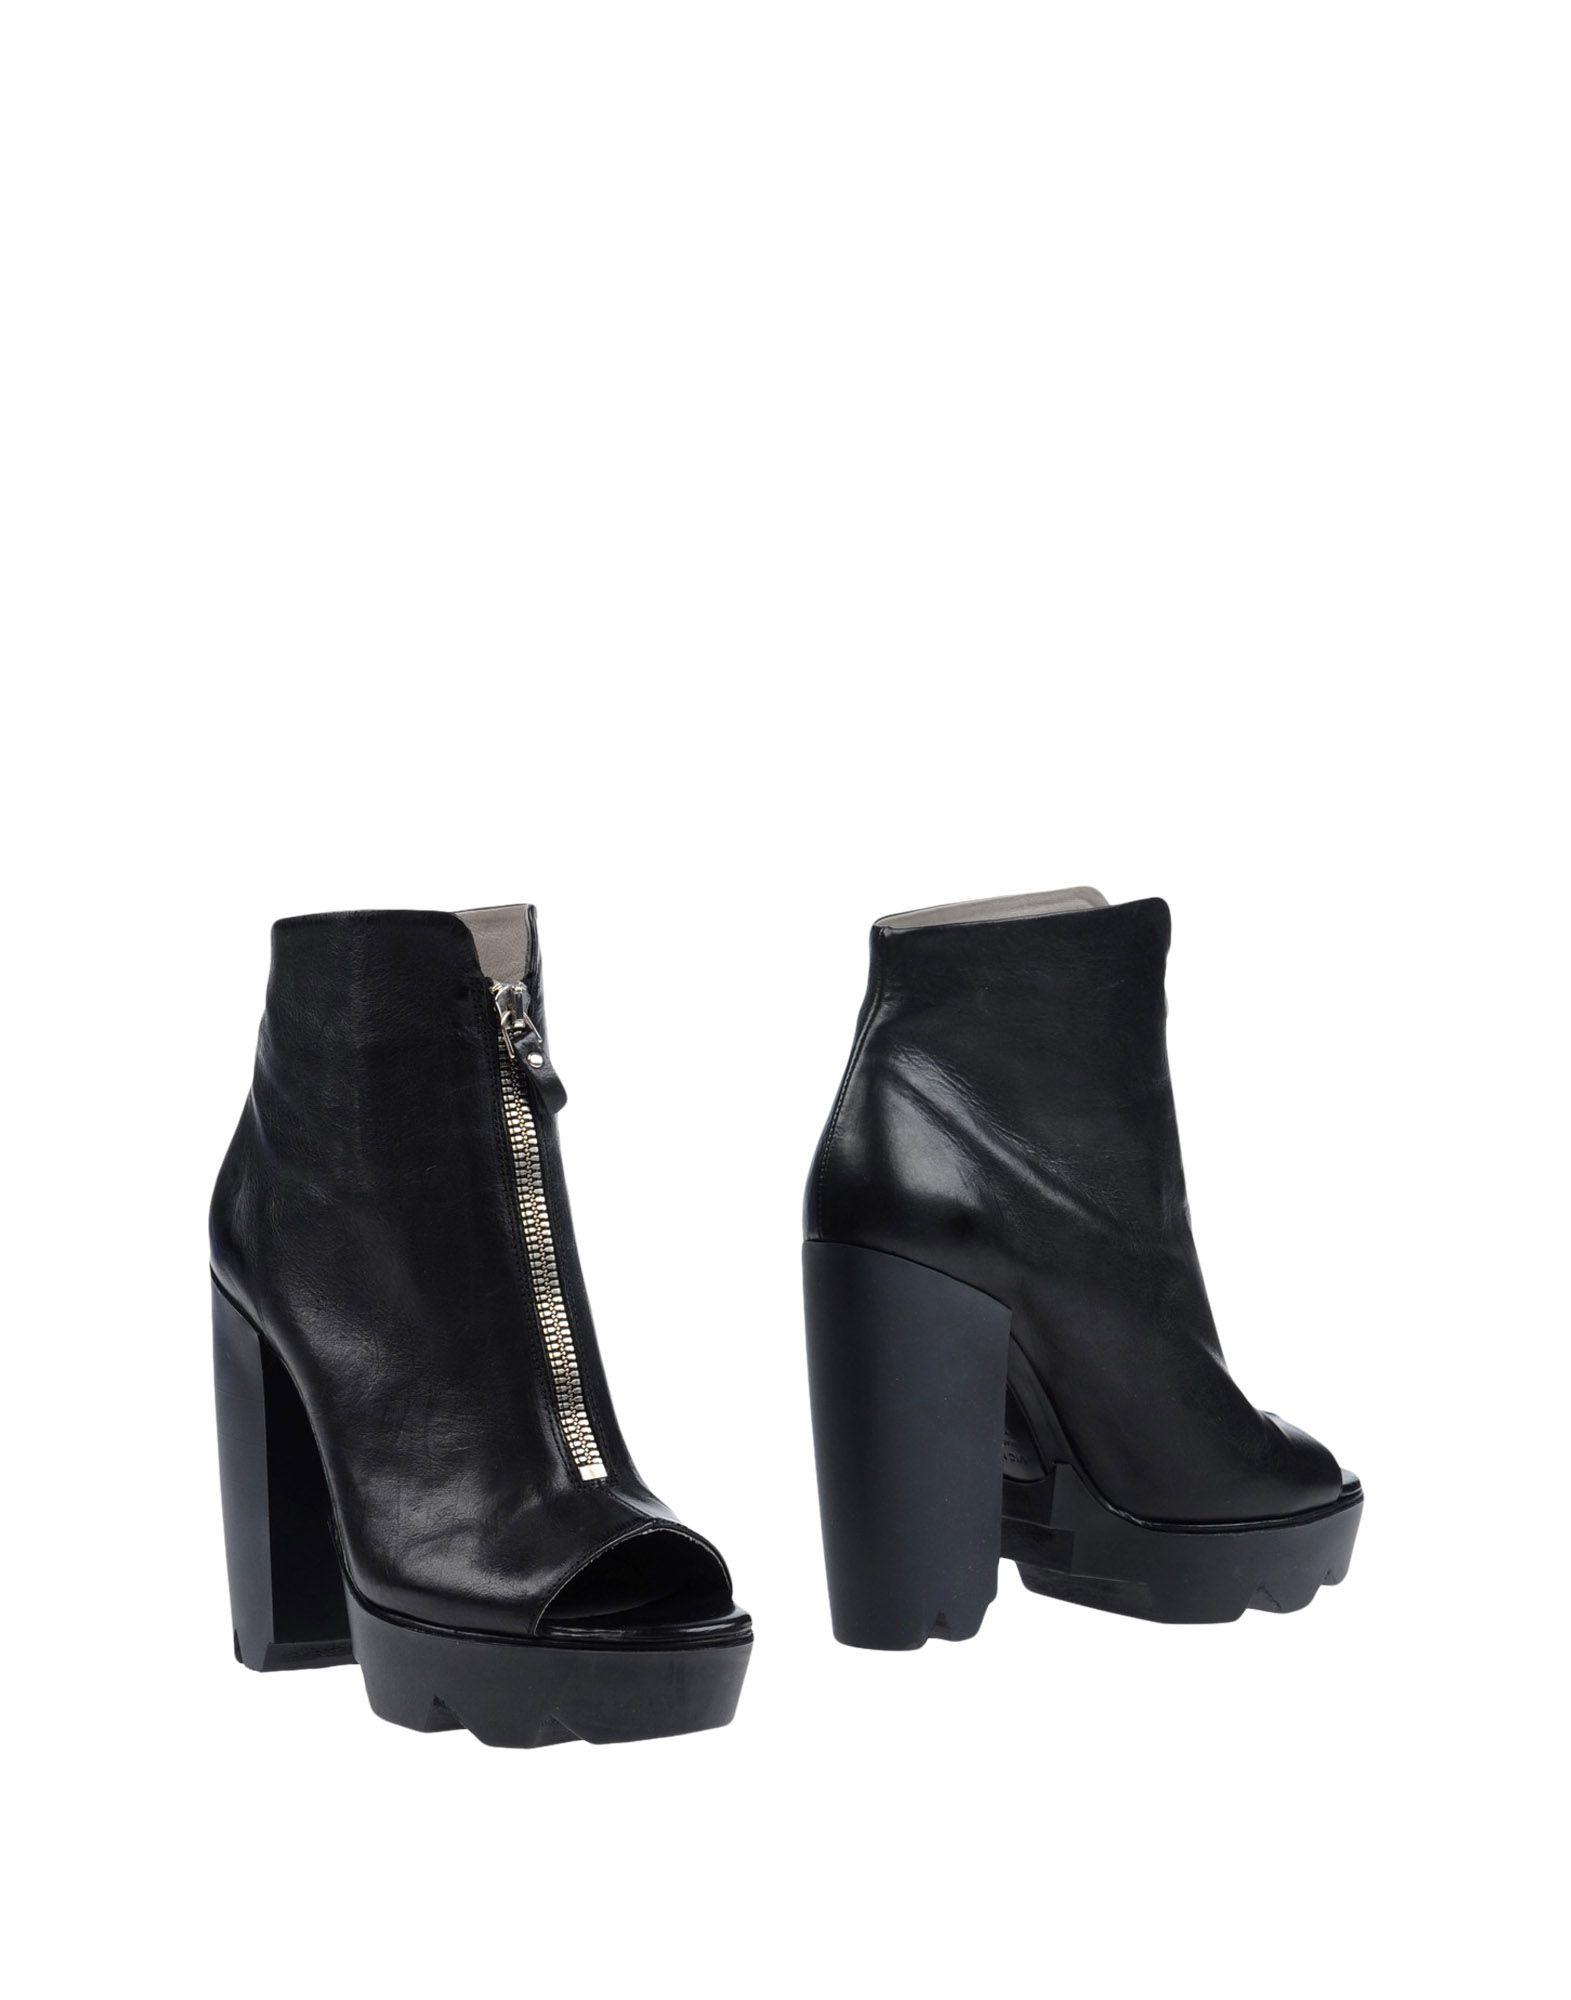 VIC MATIĒ Полусапоги и высокие ботинки цены онлайн